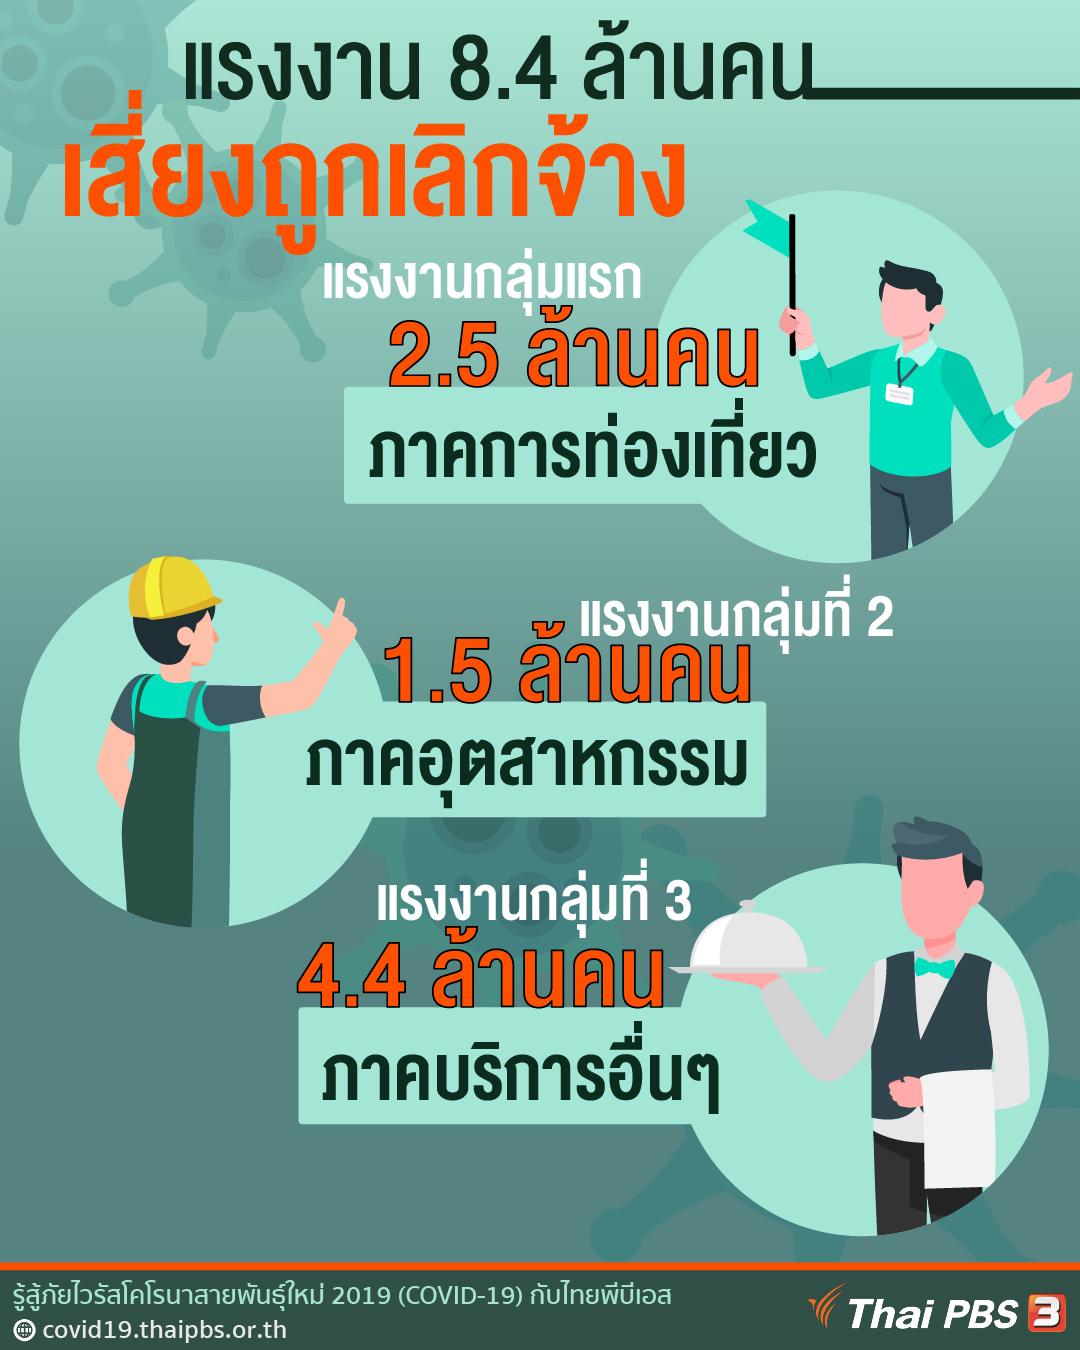 แรงงาน 8.4 ล้านคน เสี่ยงถูกเลิกจ้าง